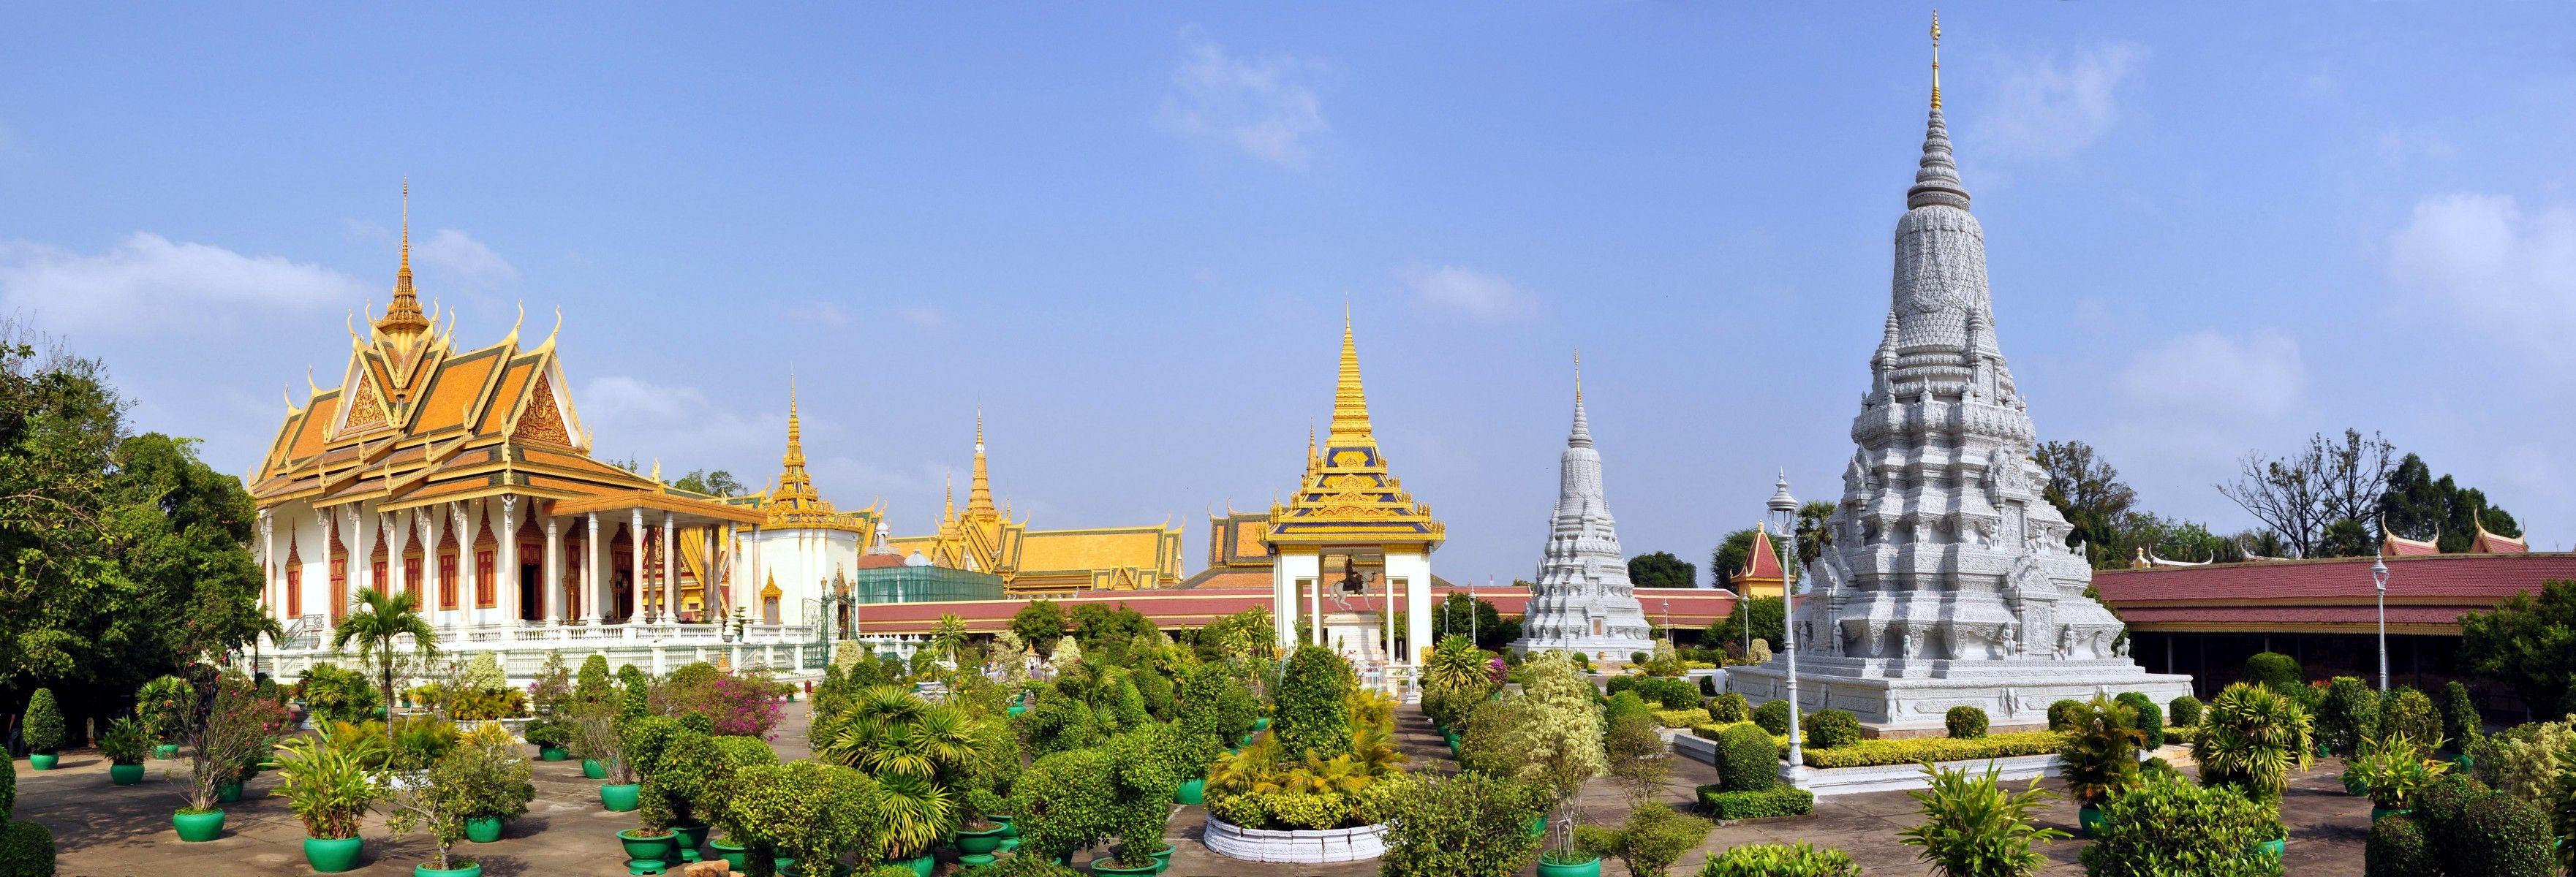 Phnom Penh royal palace, Cambodia Phnom penh, Cambodia